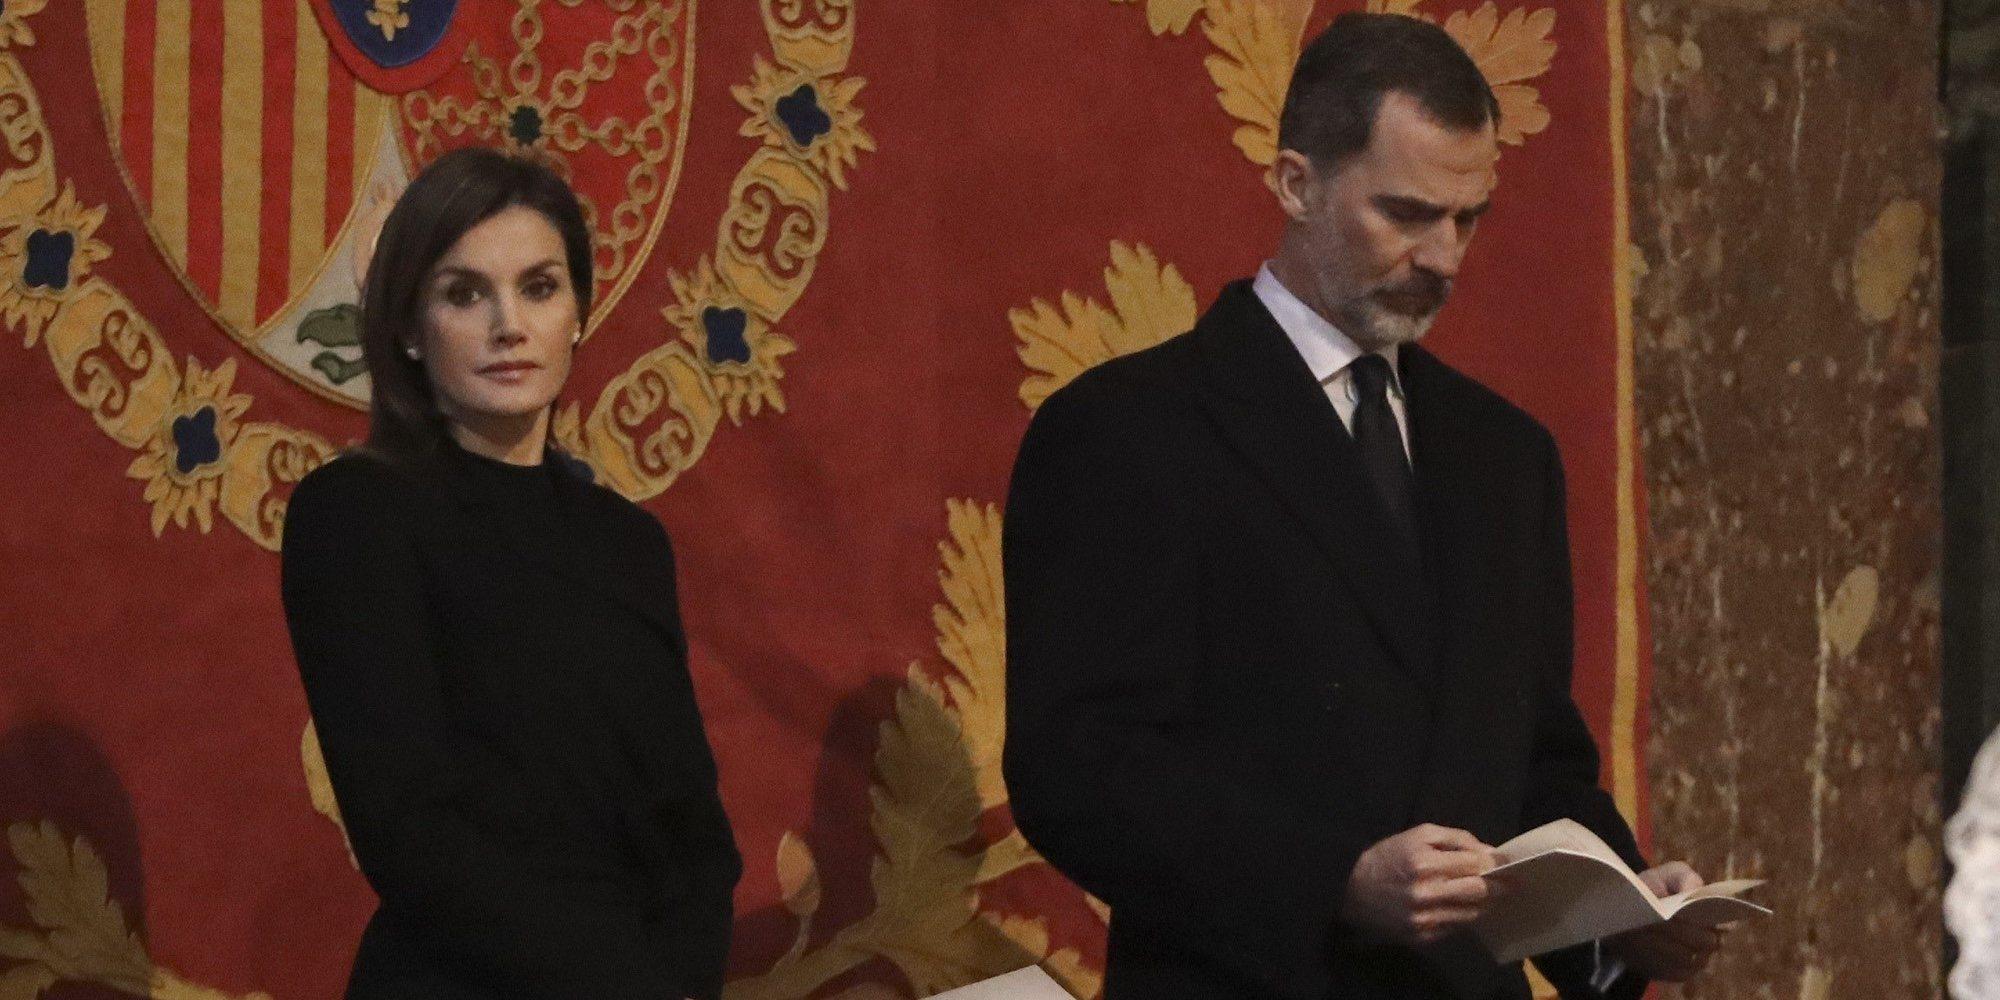 La reprimenda del Rey Felipe a la Reina Letizia tras el desplante a la Reina Sofía por la foto con Leonor y Sofía